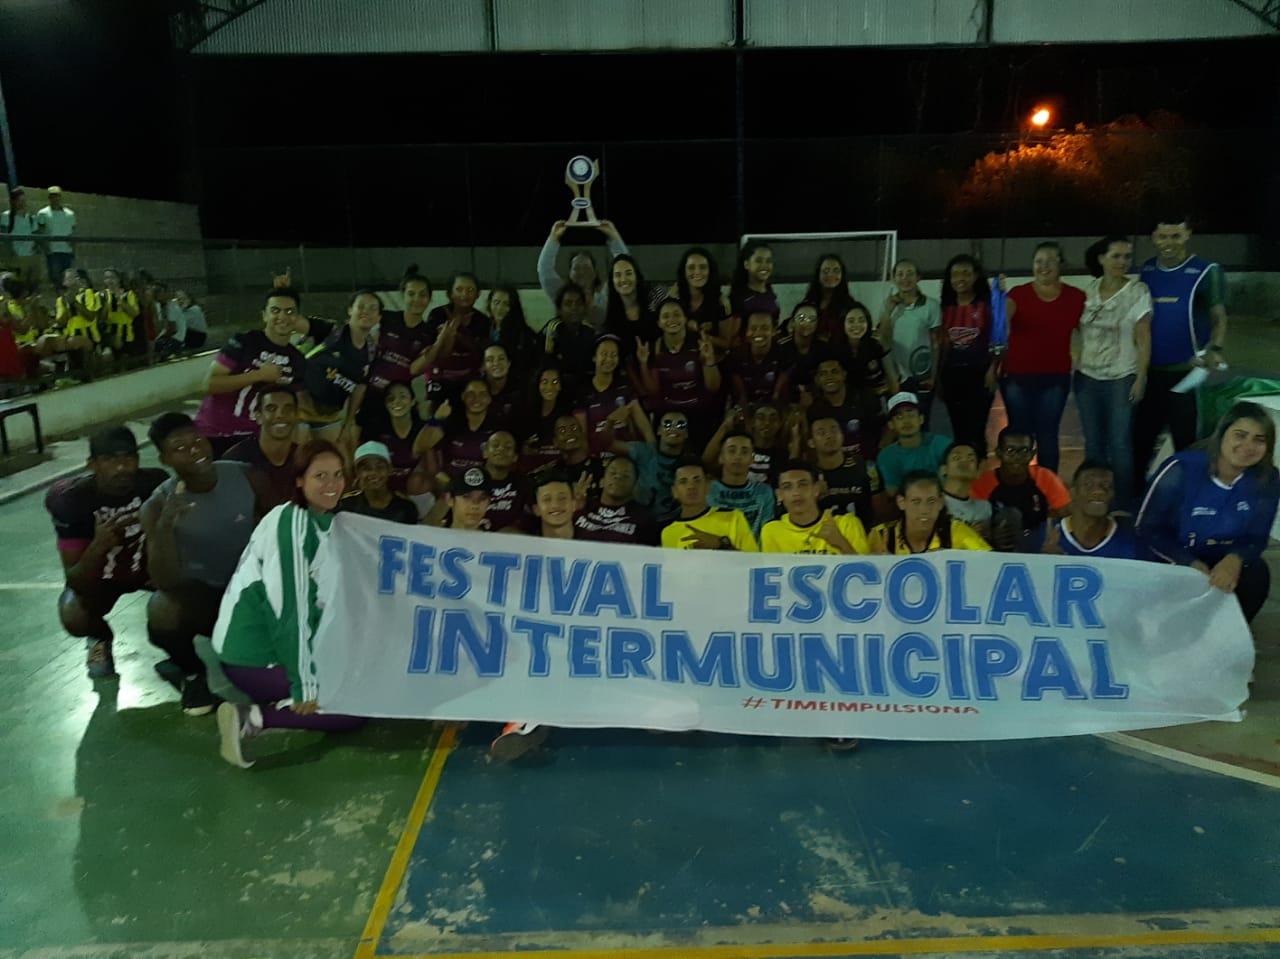 """grupo de alunos segura faixa escrita """"festival escolar intermunicipal #timeimpulsiona"""""""